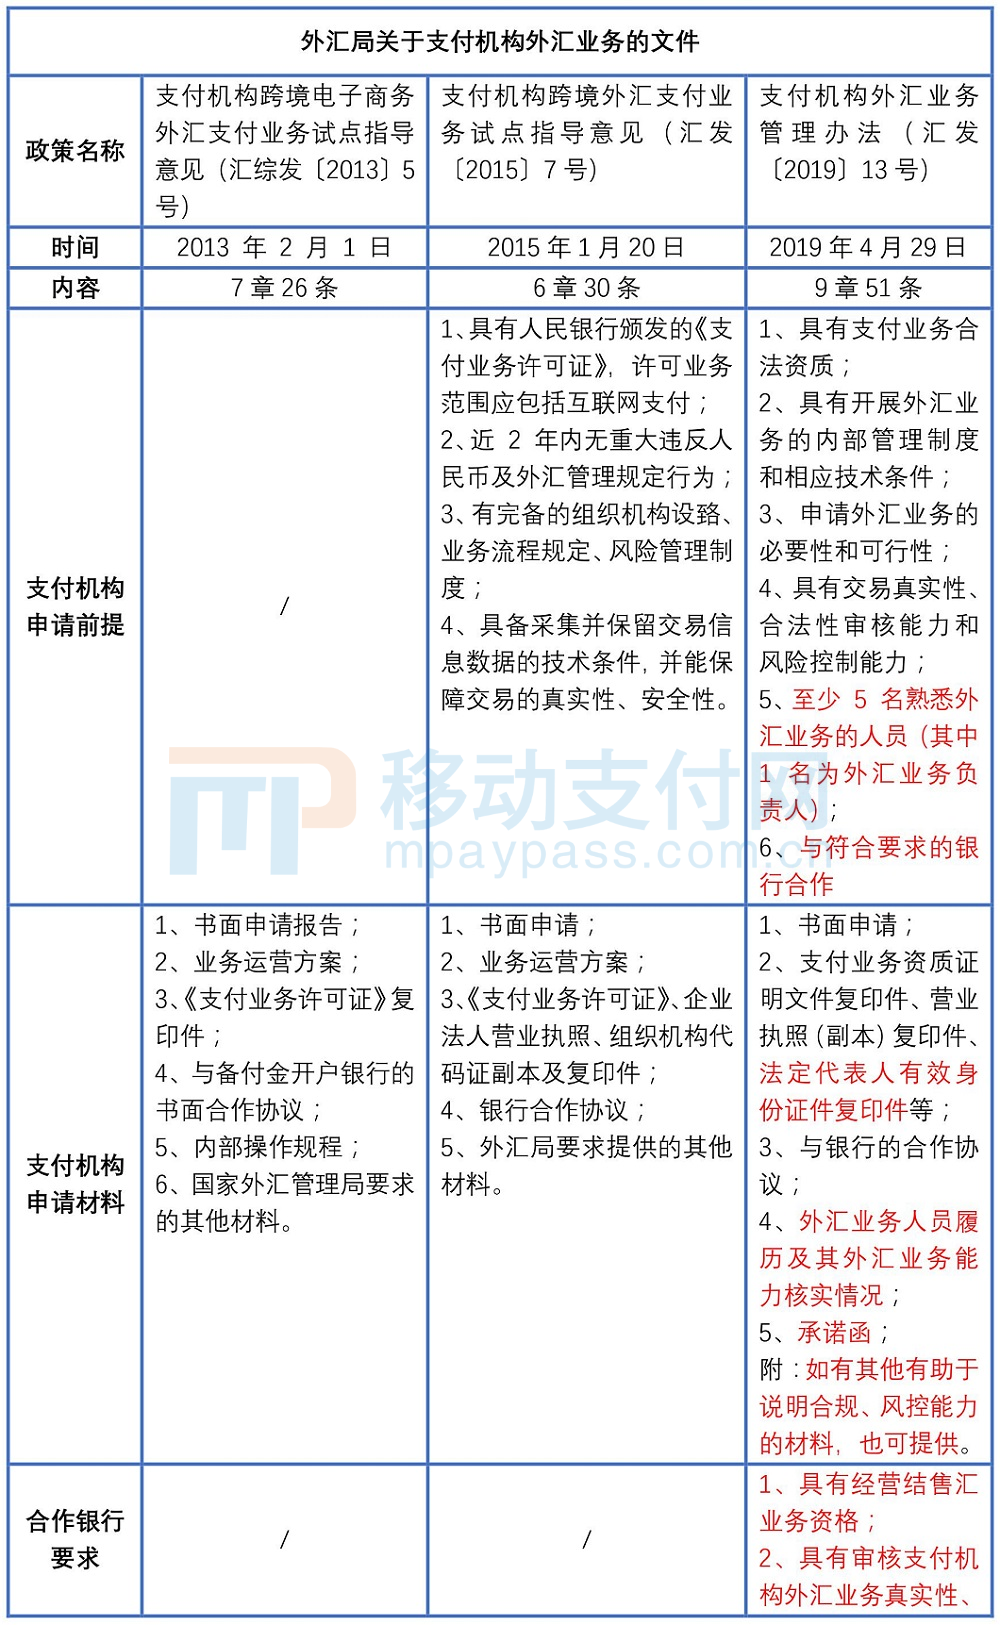 外匯局關于支付機構外匯業務的文件